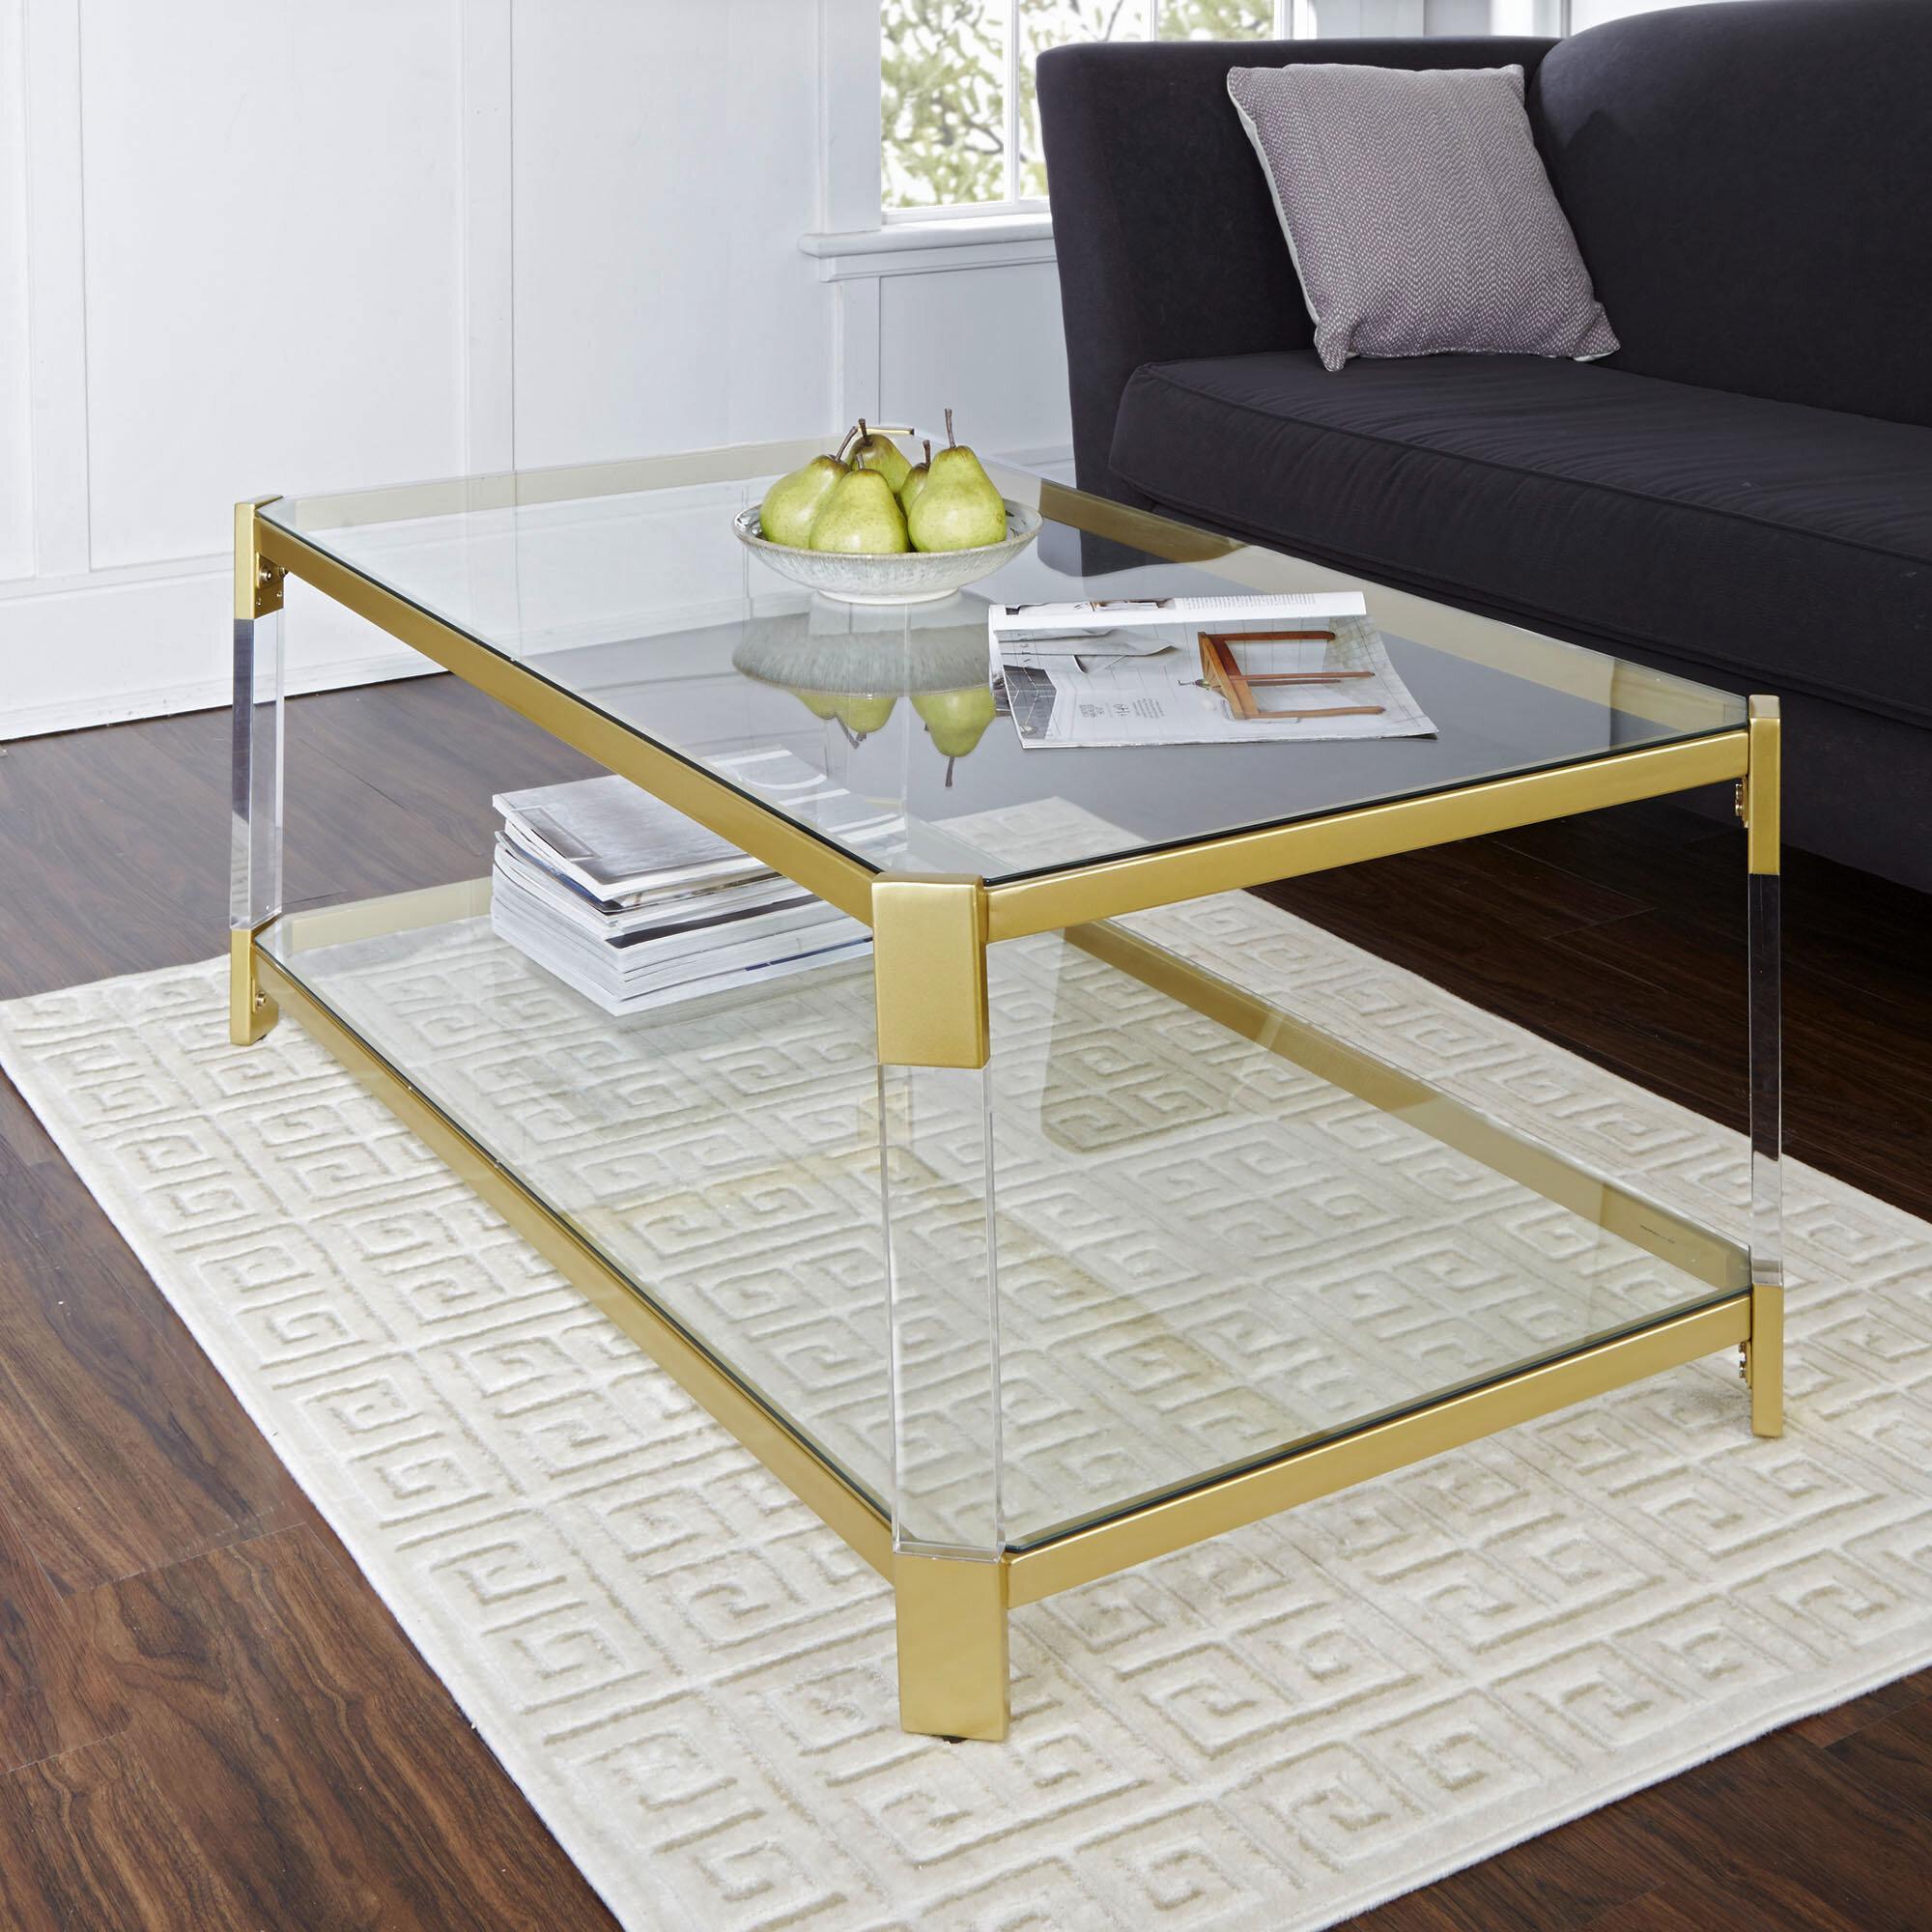 Everly Quinn Hythe Clear Glass Coffee Table Reviews Wayfair